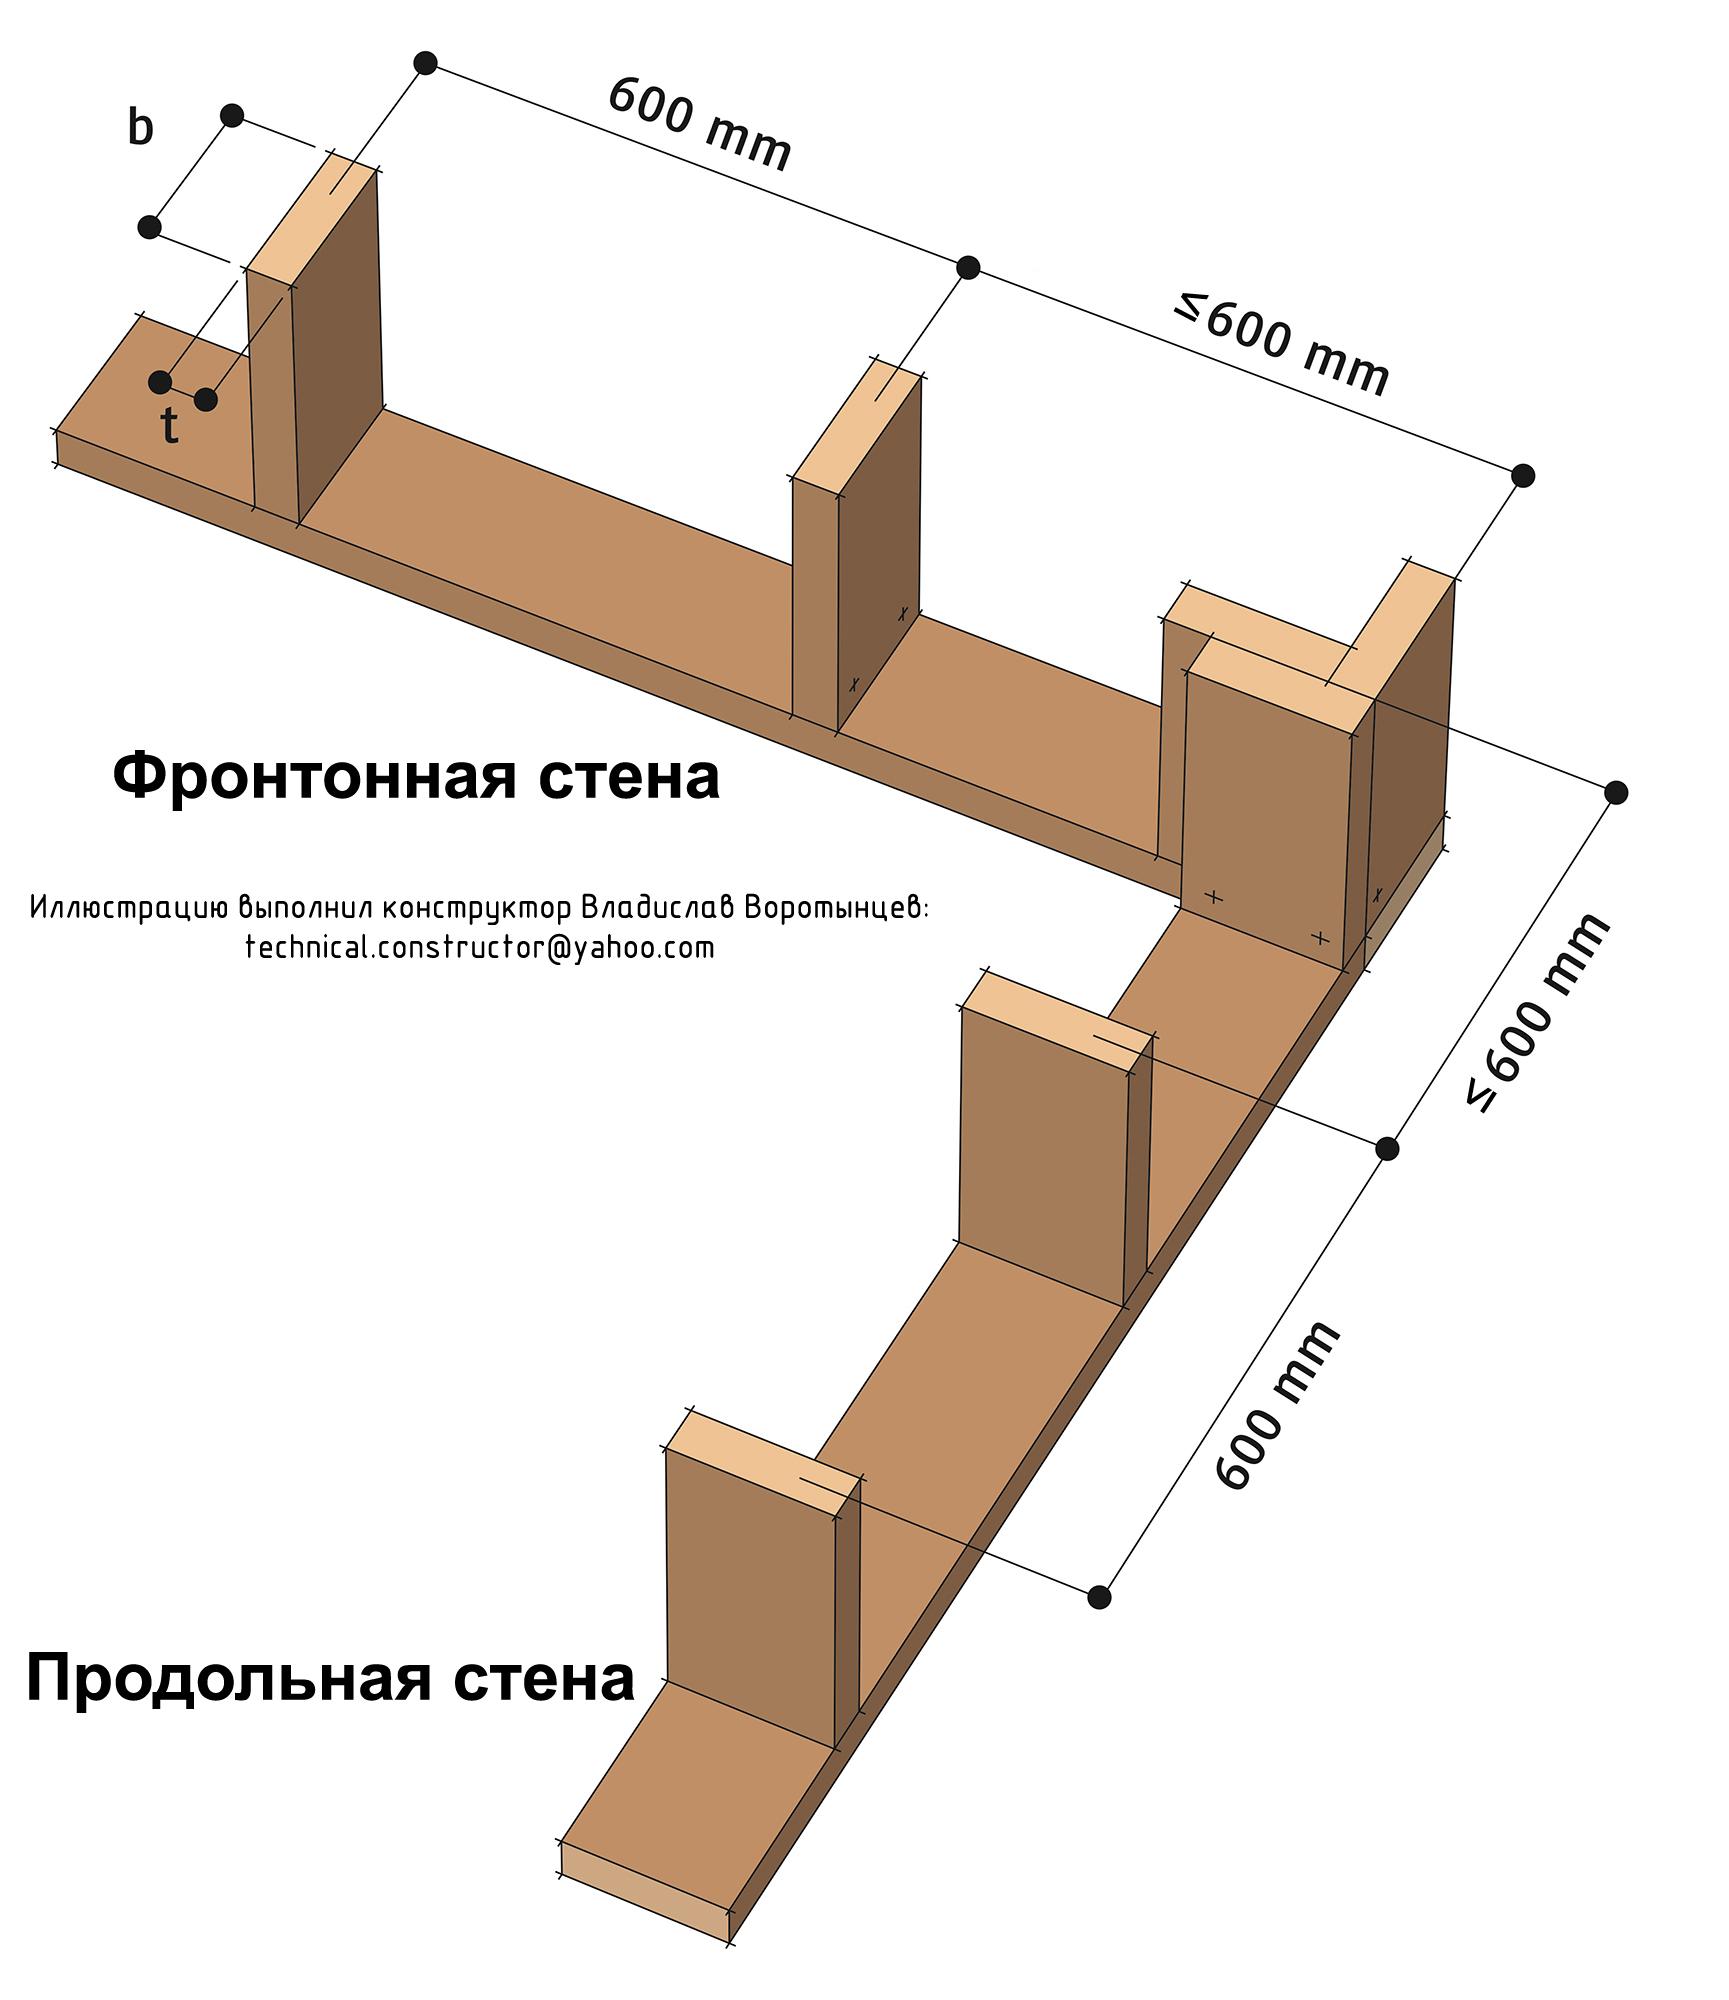 Рис. 9.14 Сборка каркаса по сетке 600 мм. Угловой стык фронтонной и продольной стены.